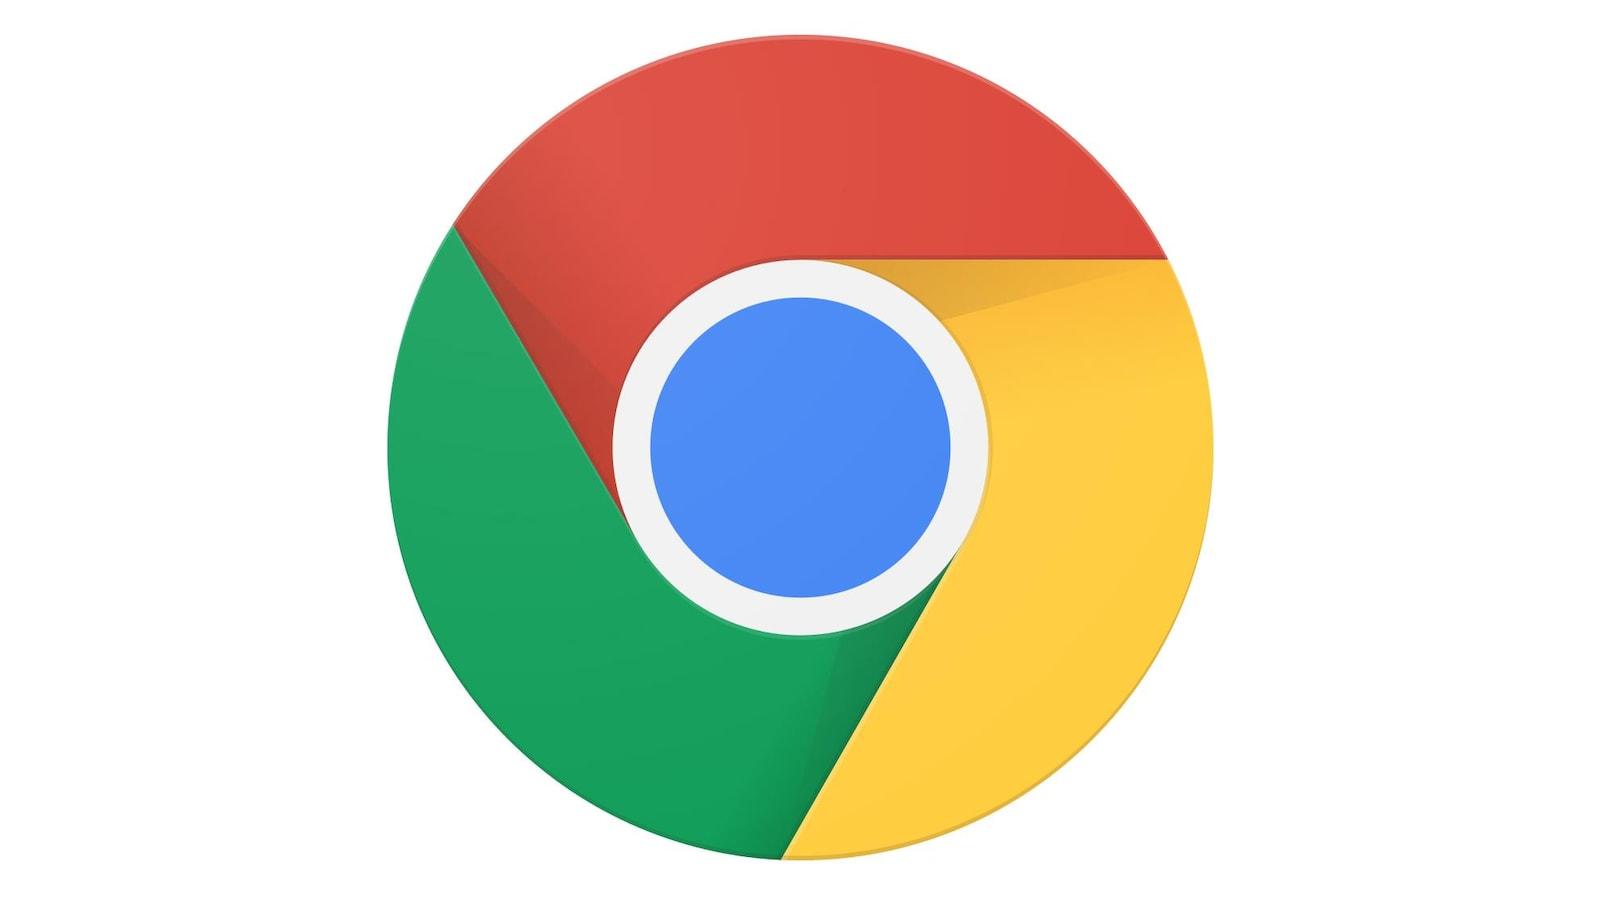 Une image montrant le logo de Google Chrome sur un fond blanc.